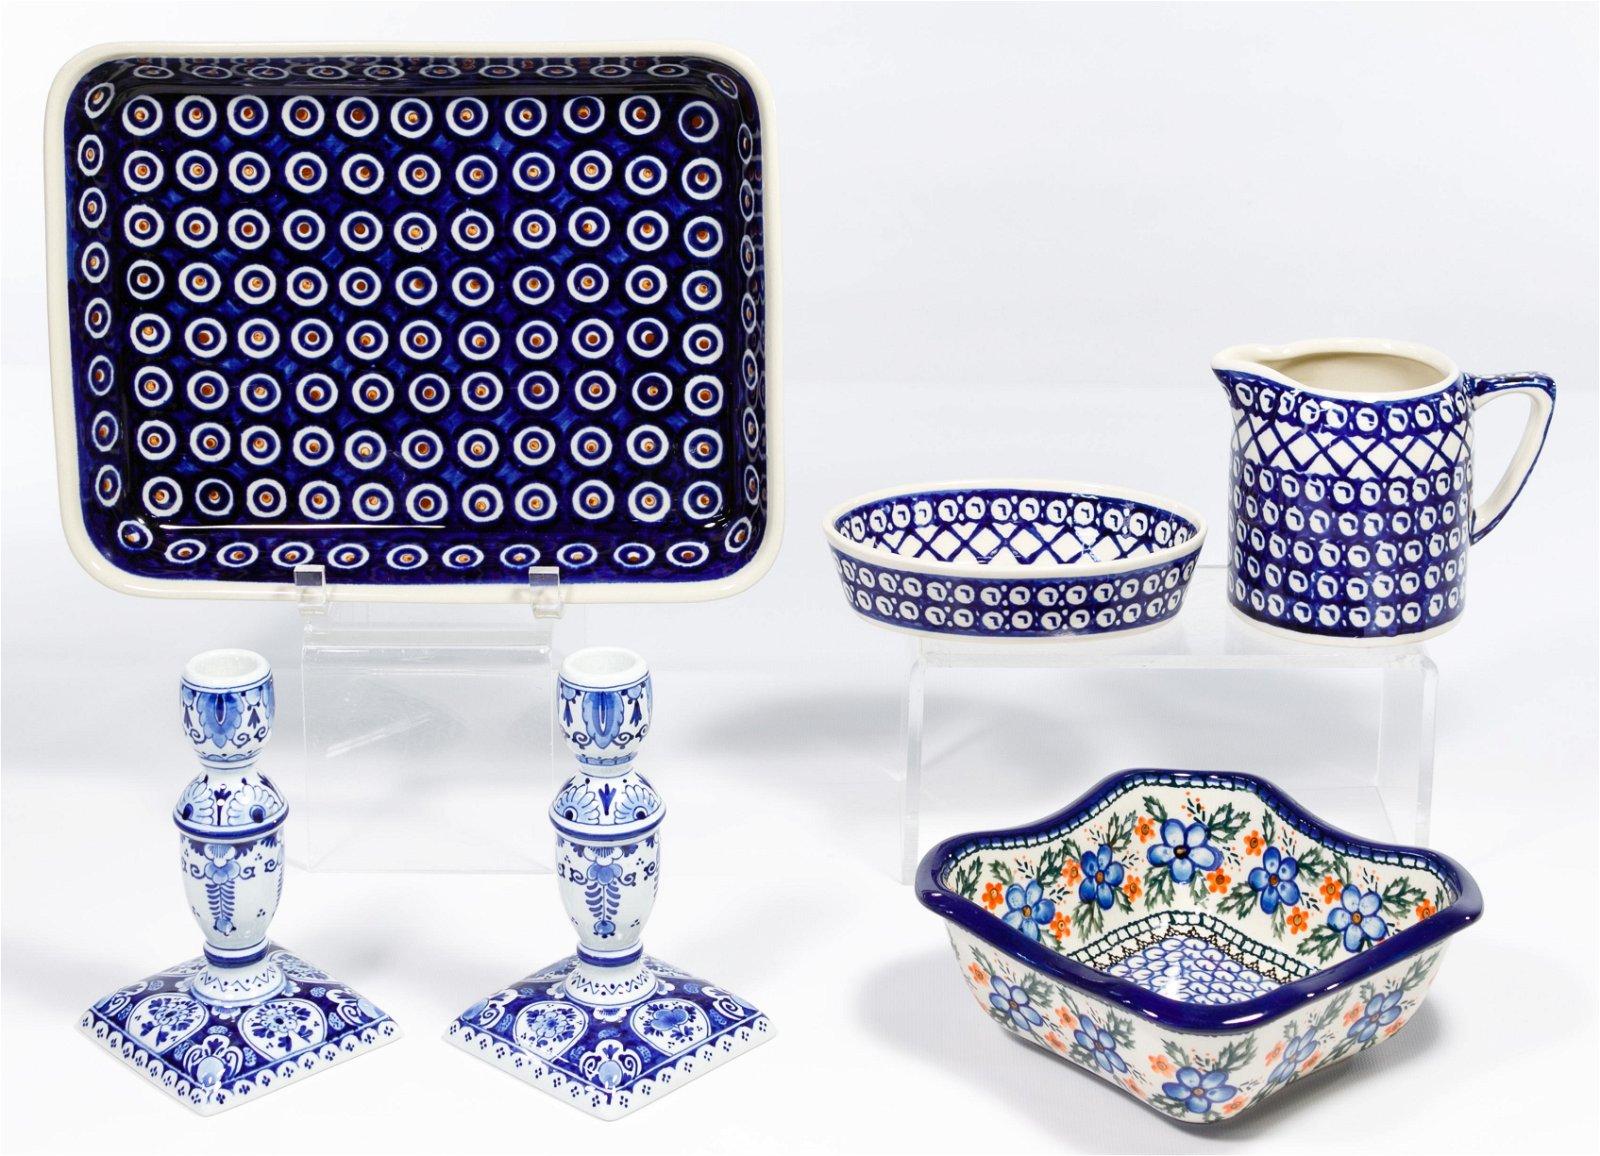 Polish Ceramics Assortment